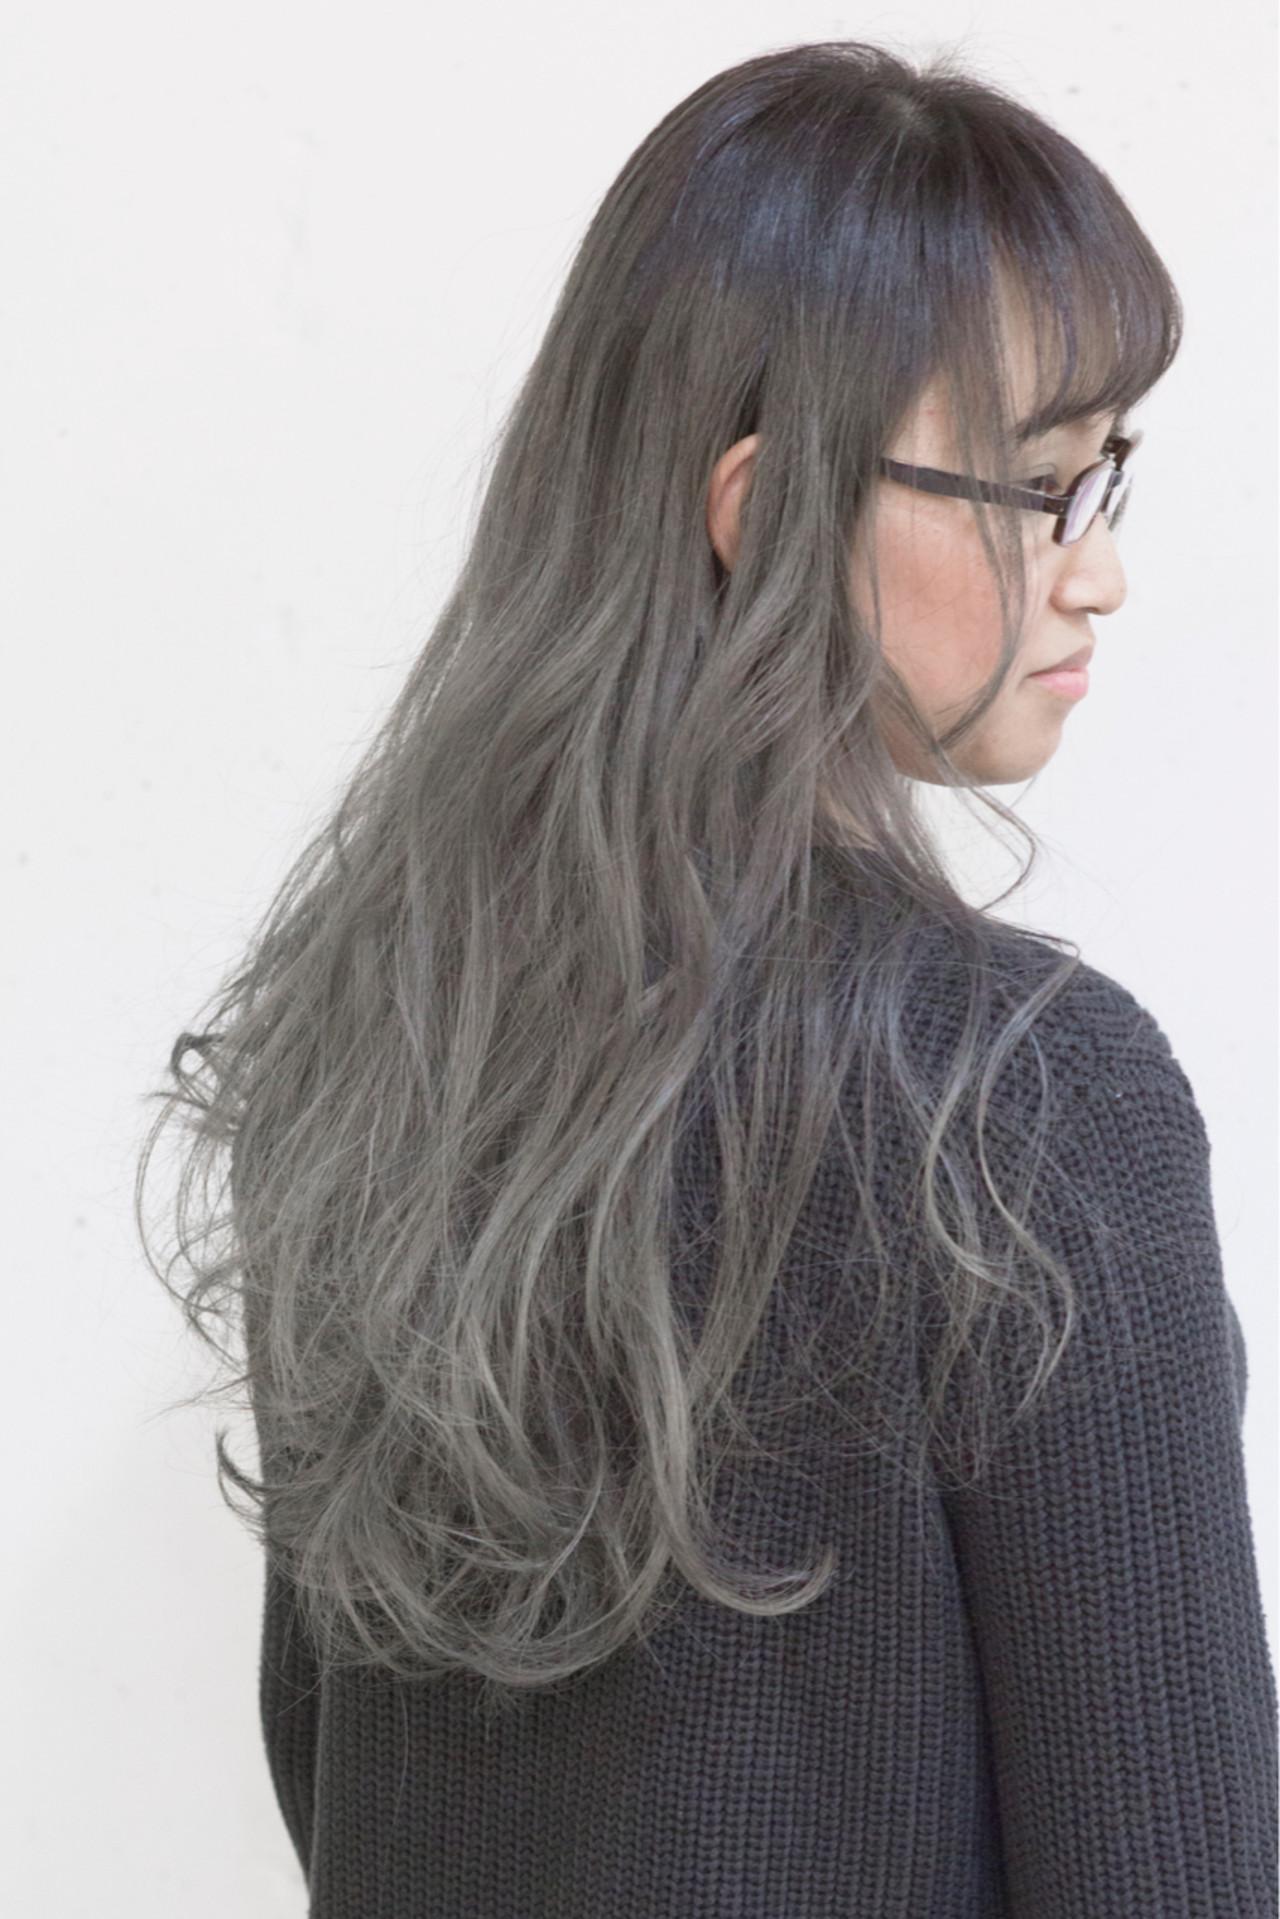 外国人風 ストリート グラデーションカラー アッシュ ヘアスタイルや髪型の写真・画像